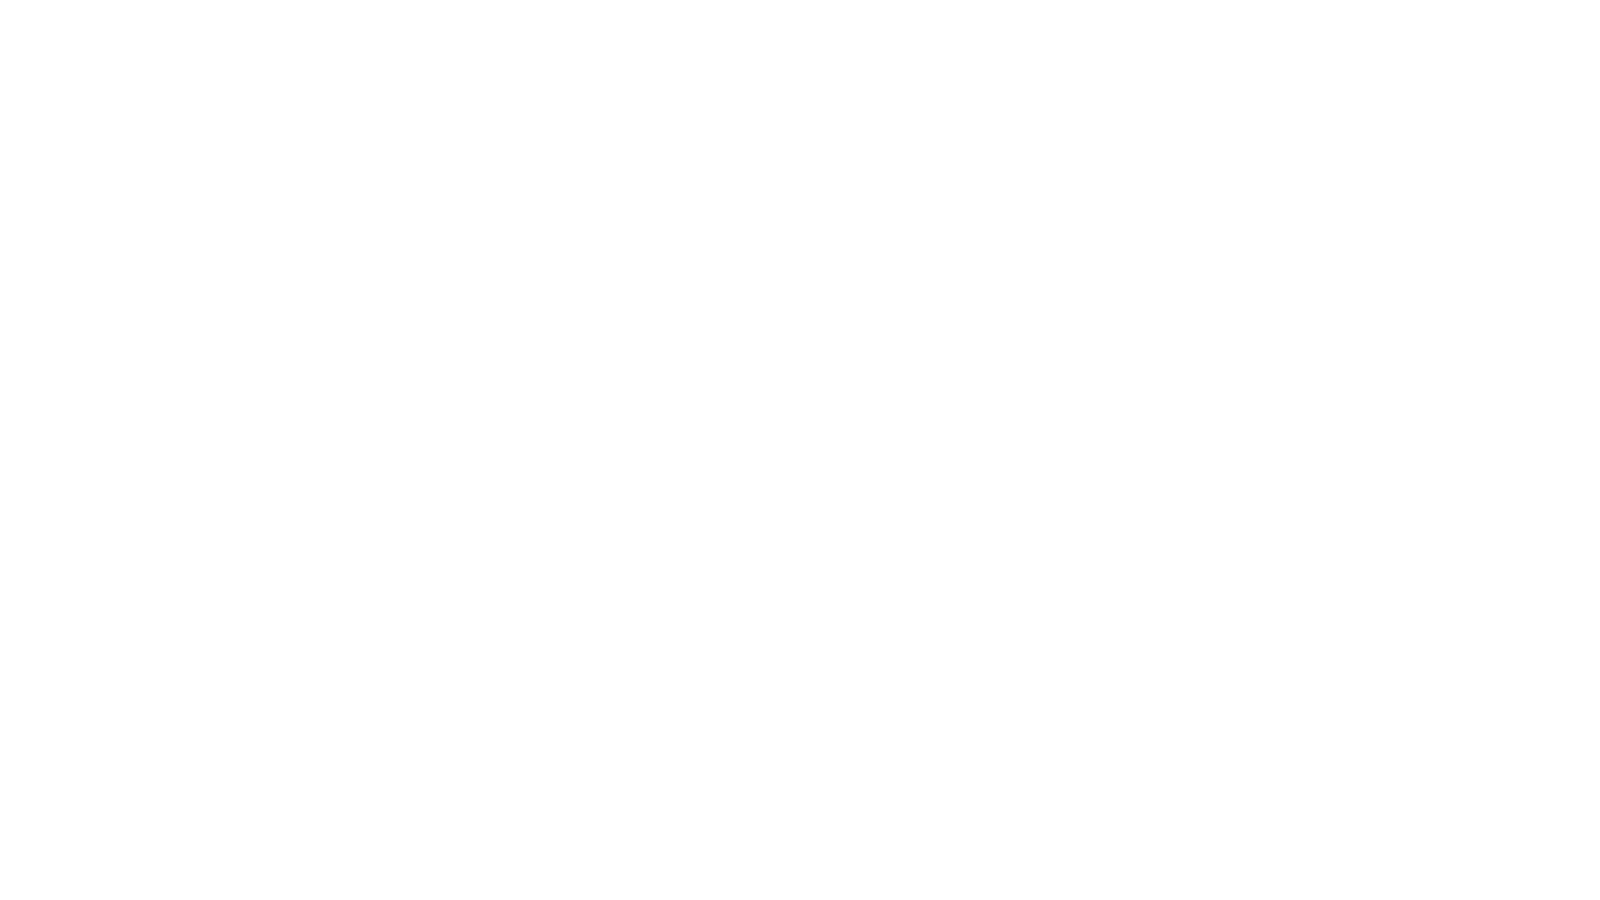 Doppelsieg für Vater und Sohn! Hurly Long ist der Spieler des Jahres 2019 der PGA of Germany. Ted Long ist der Teacher of the Year 2019. Der Trailer zur Wahl - bei der Ehrung auf der Dinner Party der PGA am 15.02.2020 im Congress Palais Kassel.